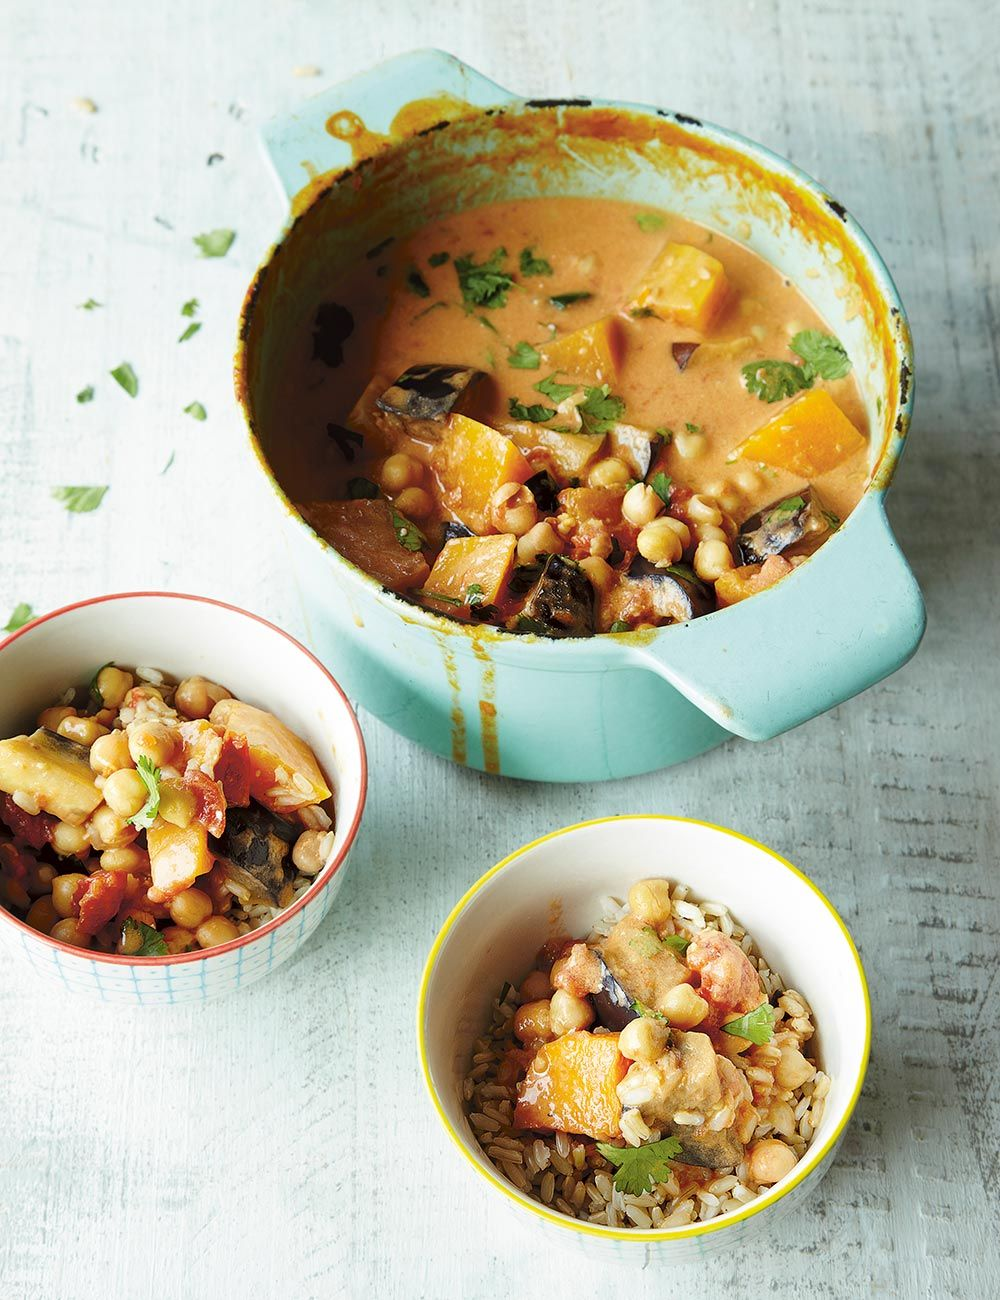 Recipes from Deliciously Ella | Harper's Bazaar